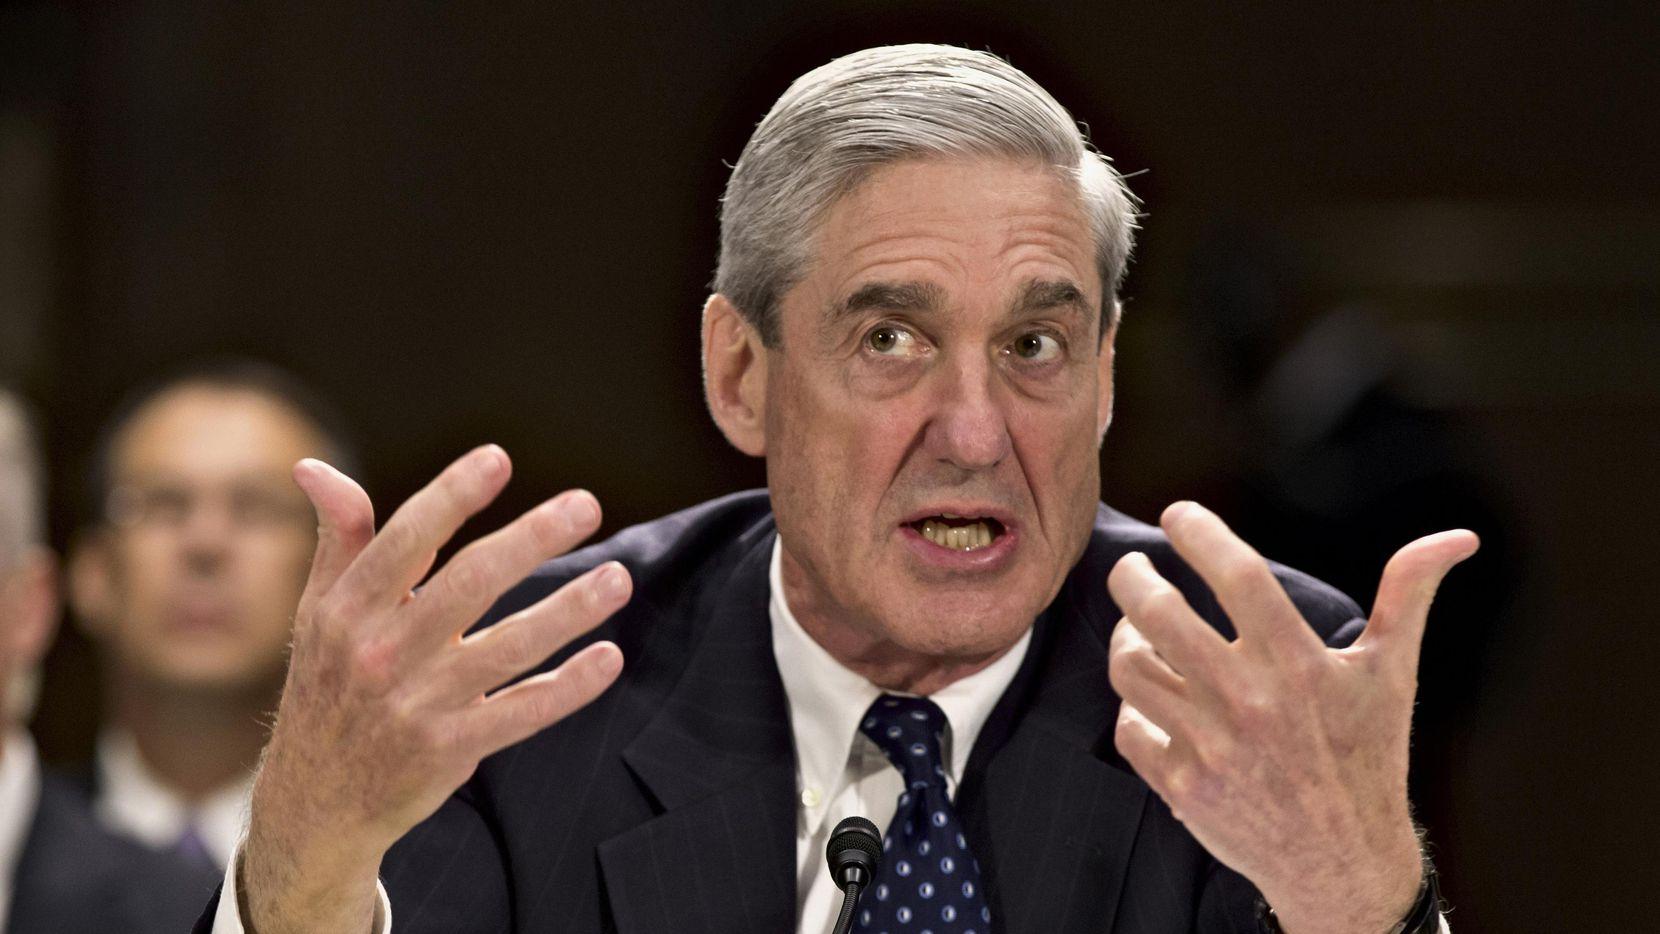 En esta imagen del 19 de junio de 2013, el exdirector del FBI Robert Mueller testifica en el Capitolio en Washington. El 17 de mayo de 2017, el Departamento de Justicia dijo que nominaría a Mueller como asesor especial para supervisar la investigación de la interferencia de Rusia en las elecciones presidenciales. o) (AP/J SCOTT APPLEWHITE)